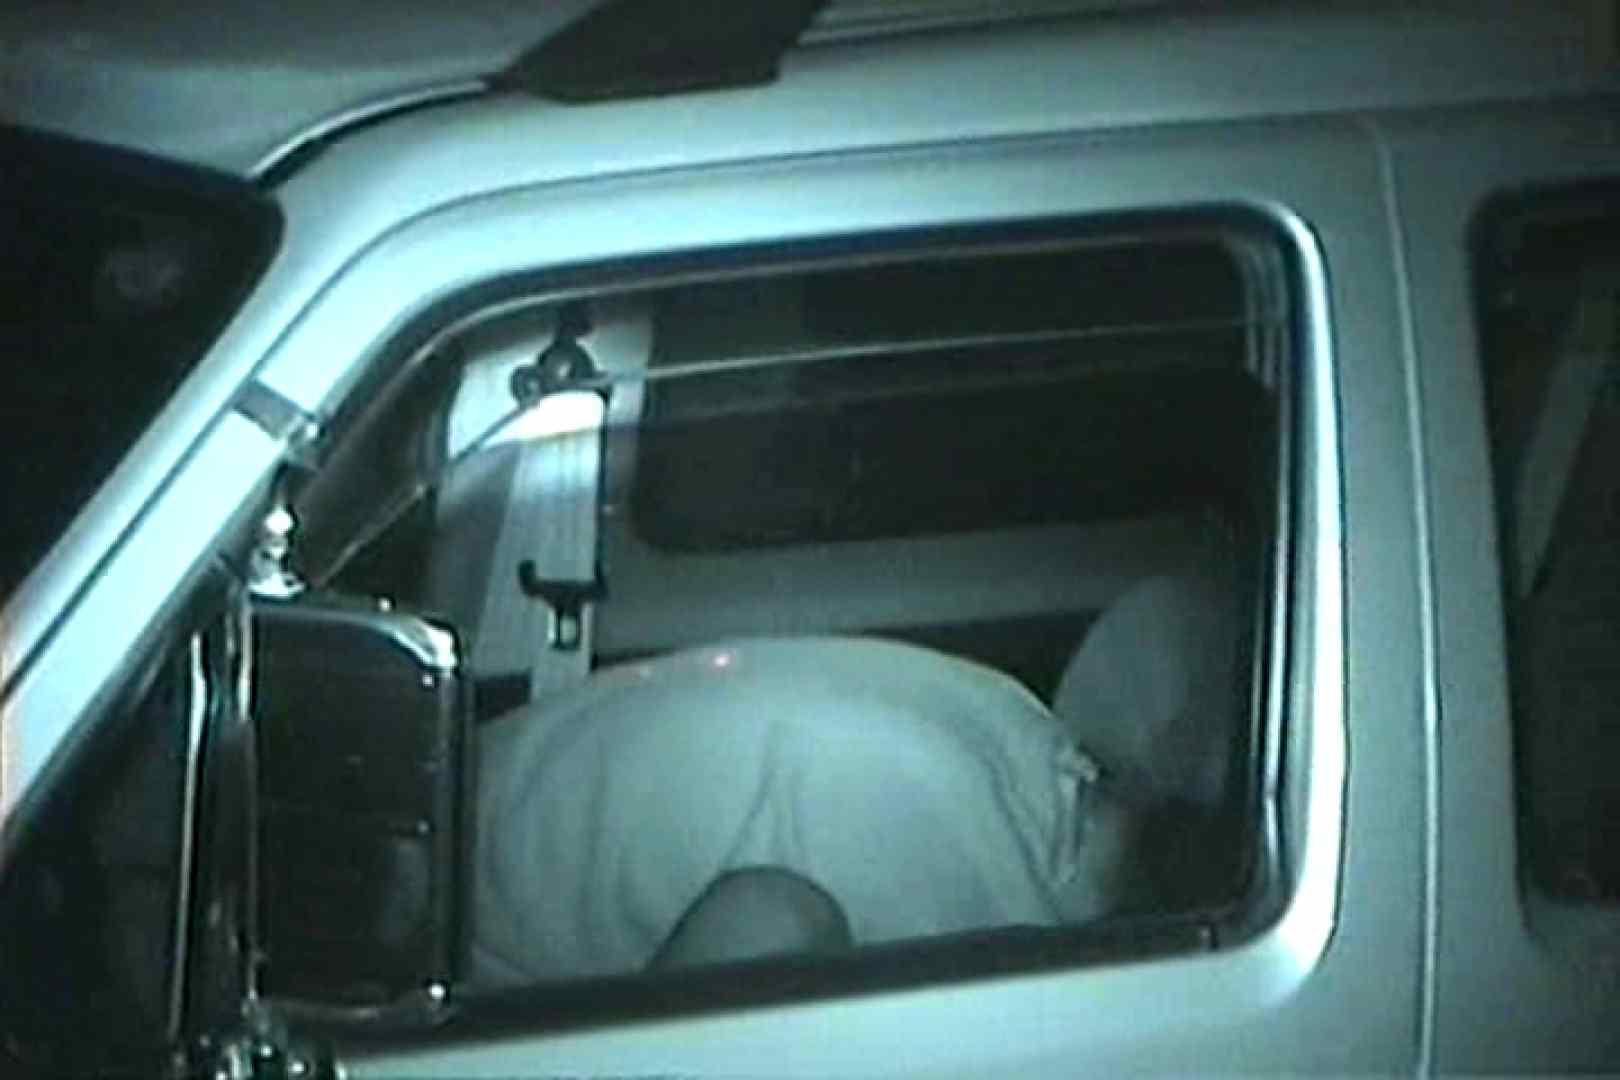 車の中はラブホテル 無修正版  Vol.25 カップルのセックス 覗きおまんこ画像 103PIX 95